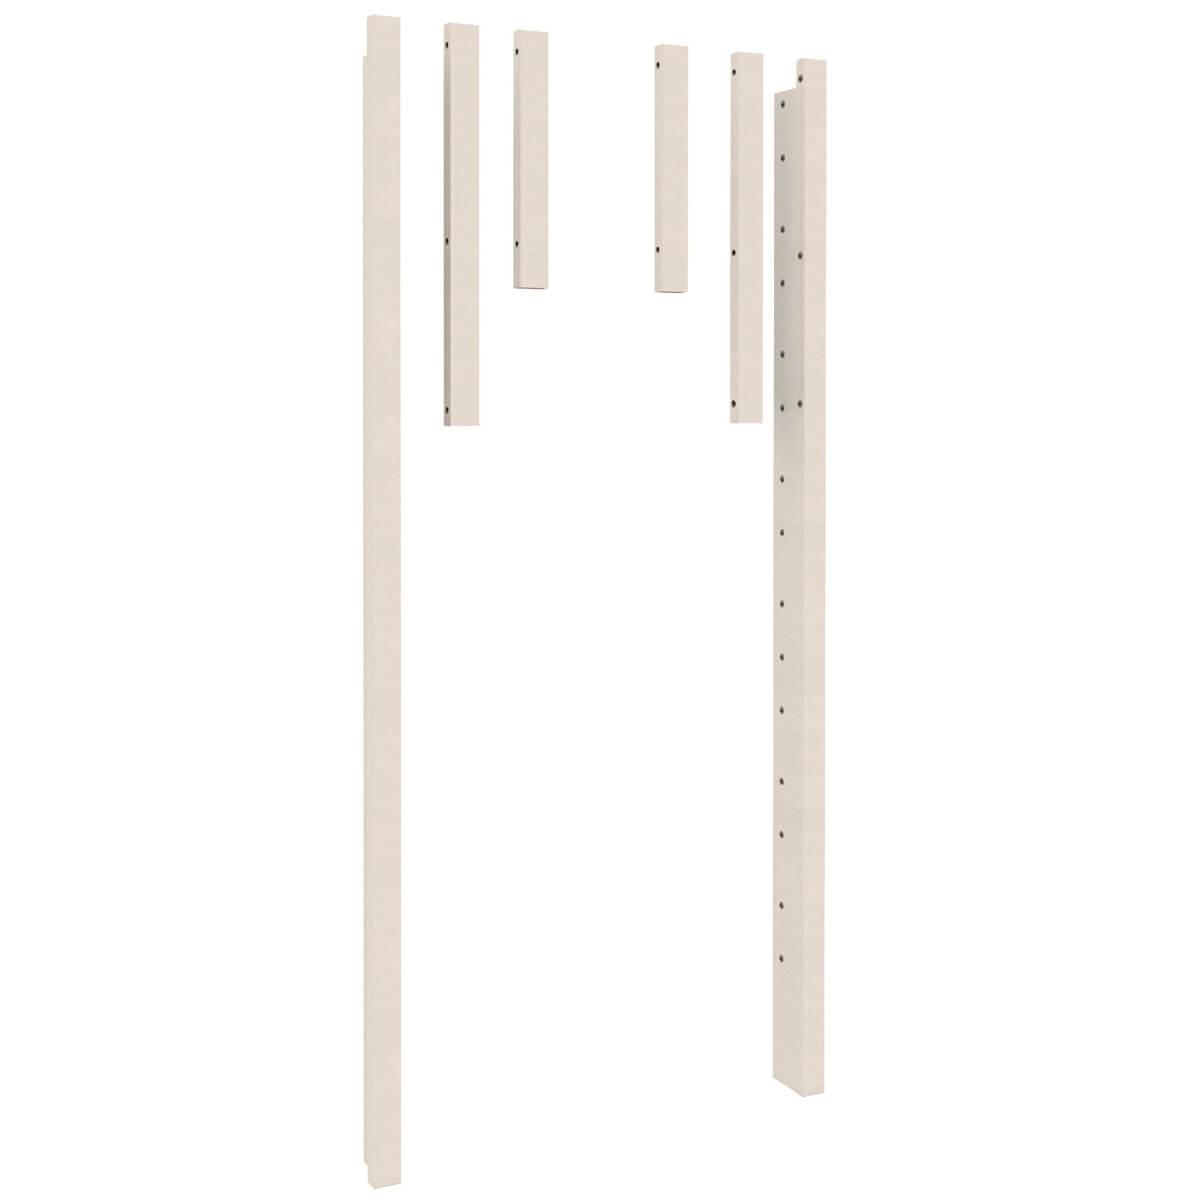 Eckpfosten Twin-over-Full  2-er Set DESTYLE Debreuyn Buche massiv weiß gebeizt-lackiert